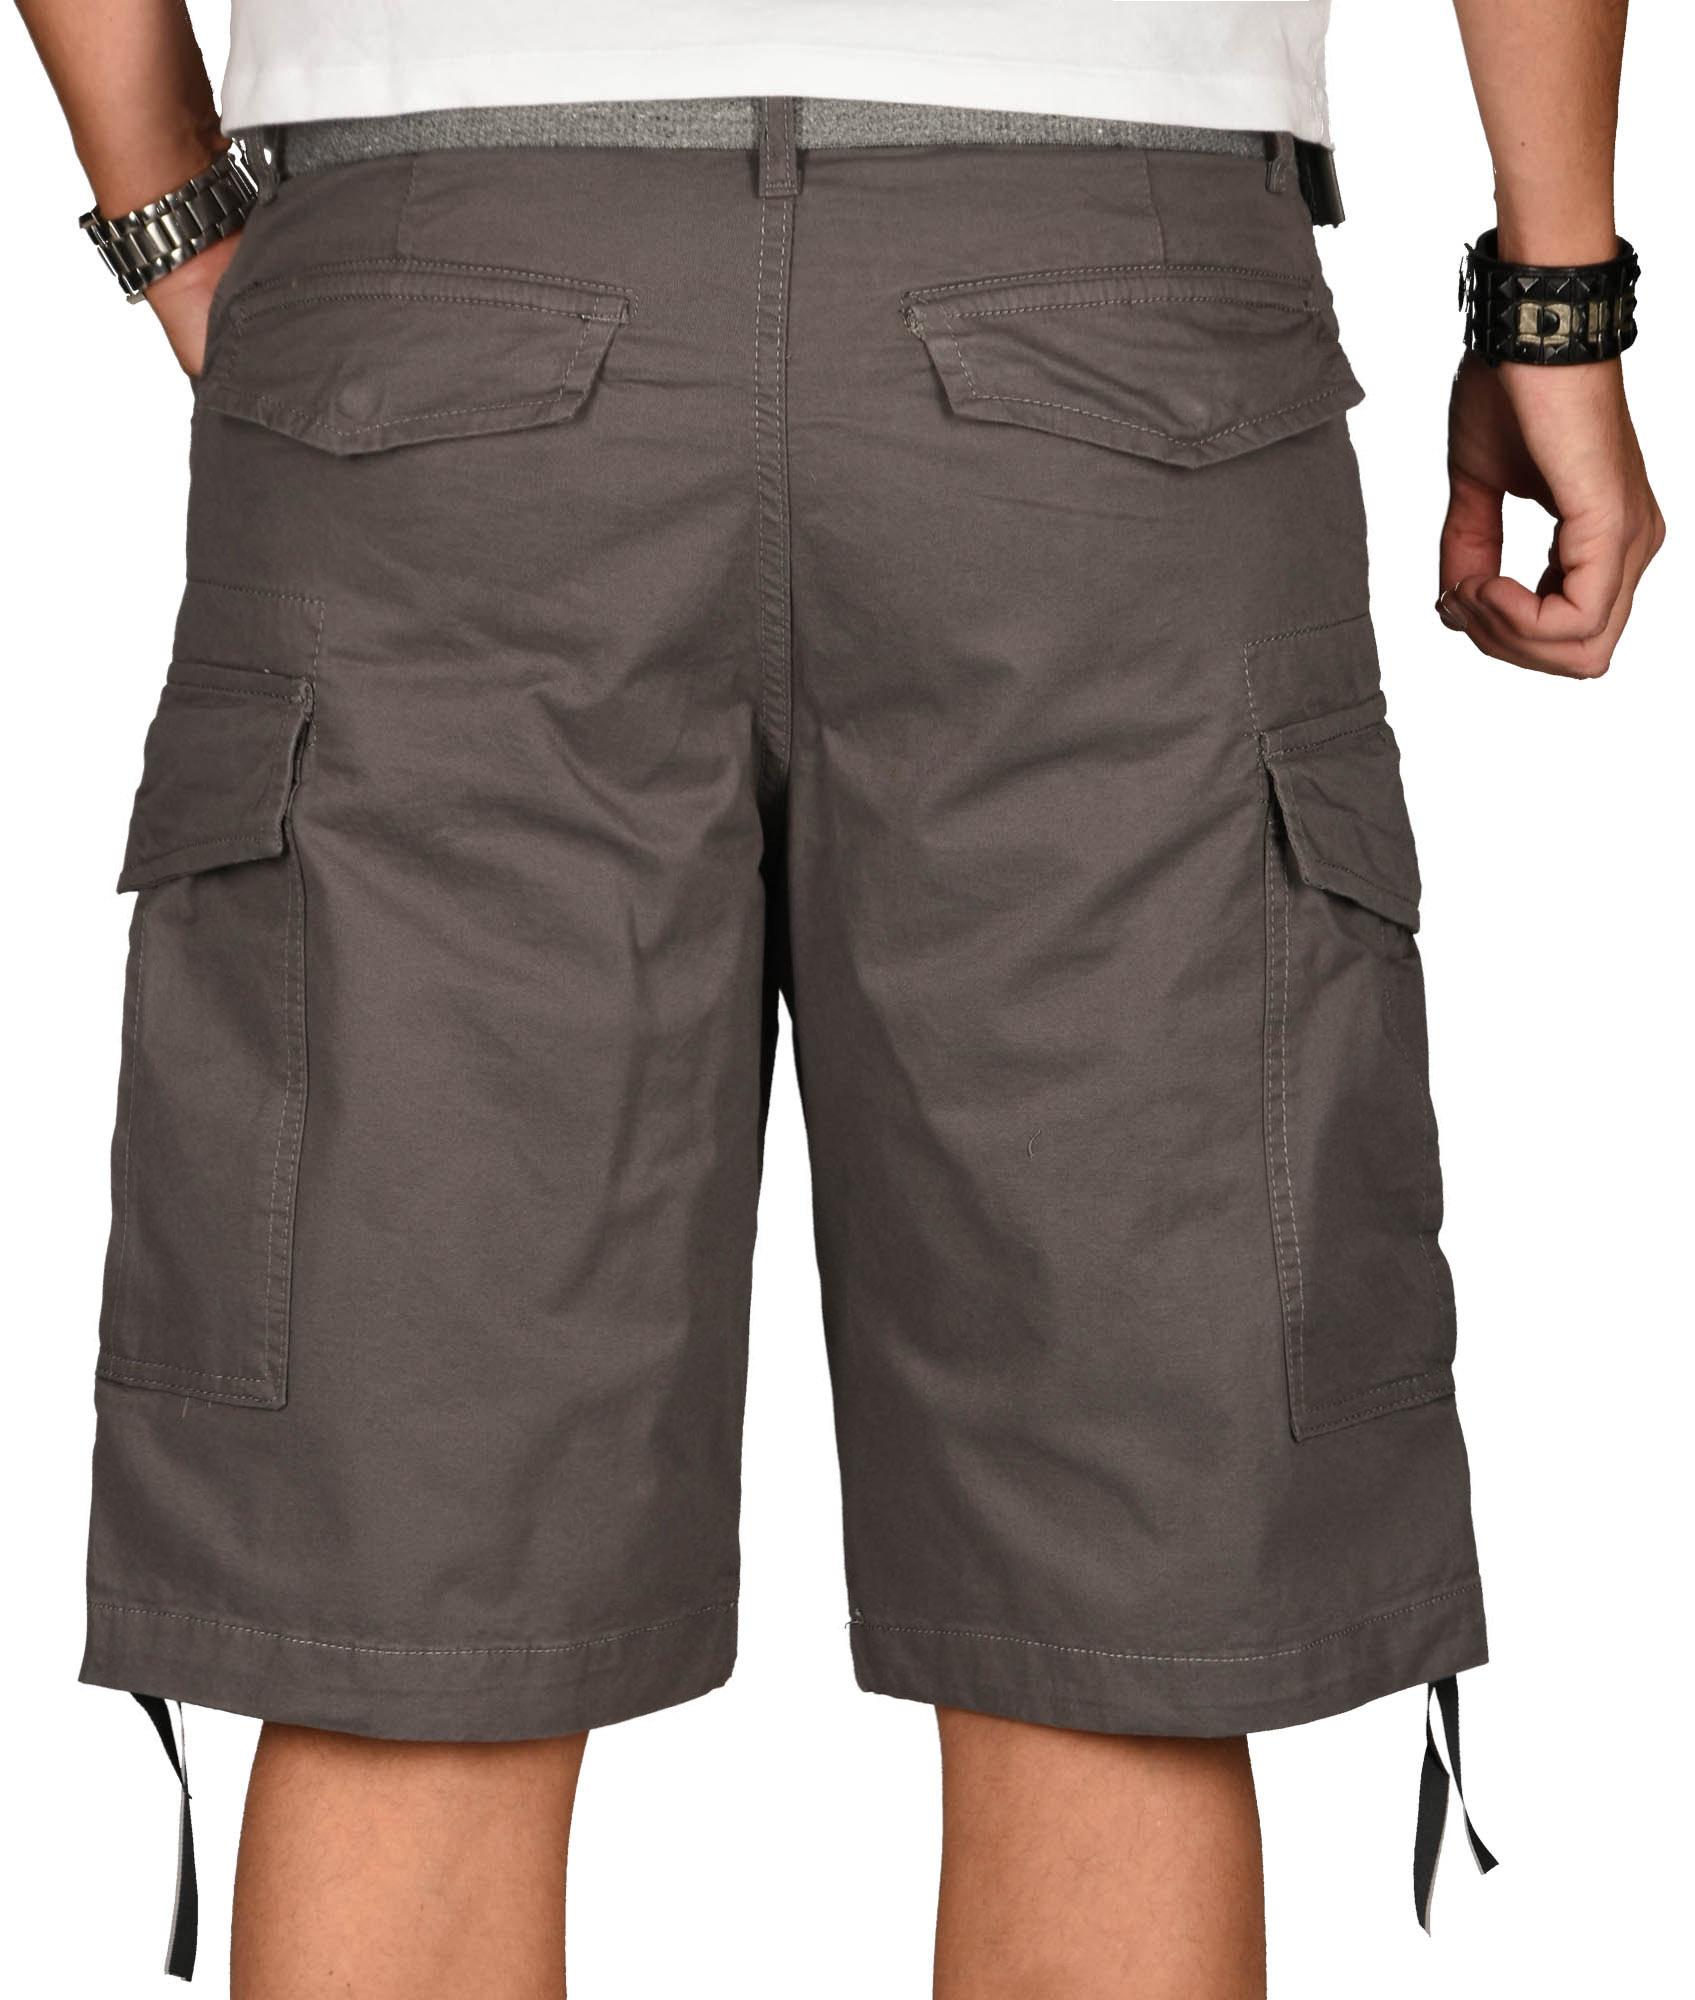 A-Salvarini-Herren-Comfort-Cargo-Shorts-Cargoshorts-kurze-Hose-Guertel-AS133-NEU Indexbild 13